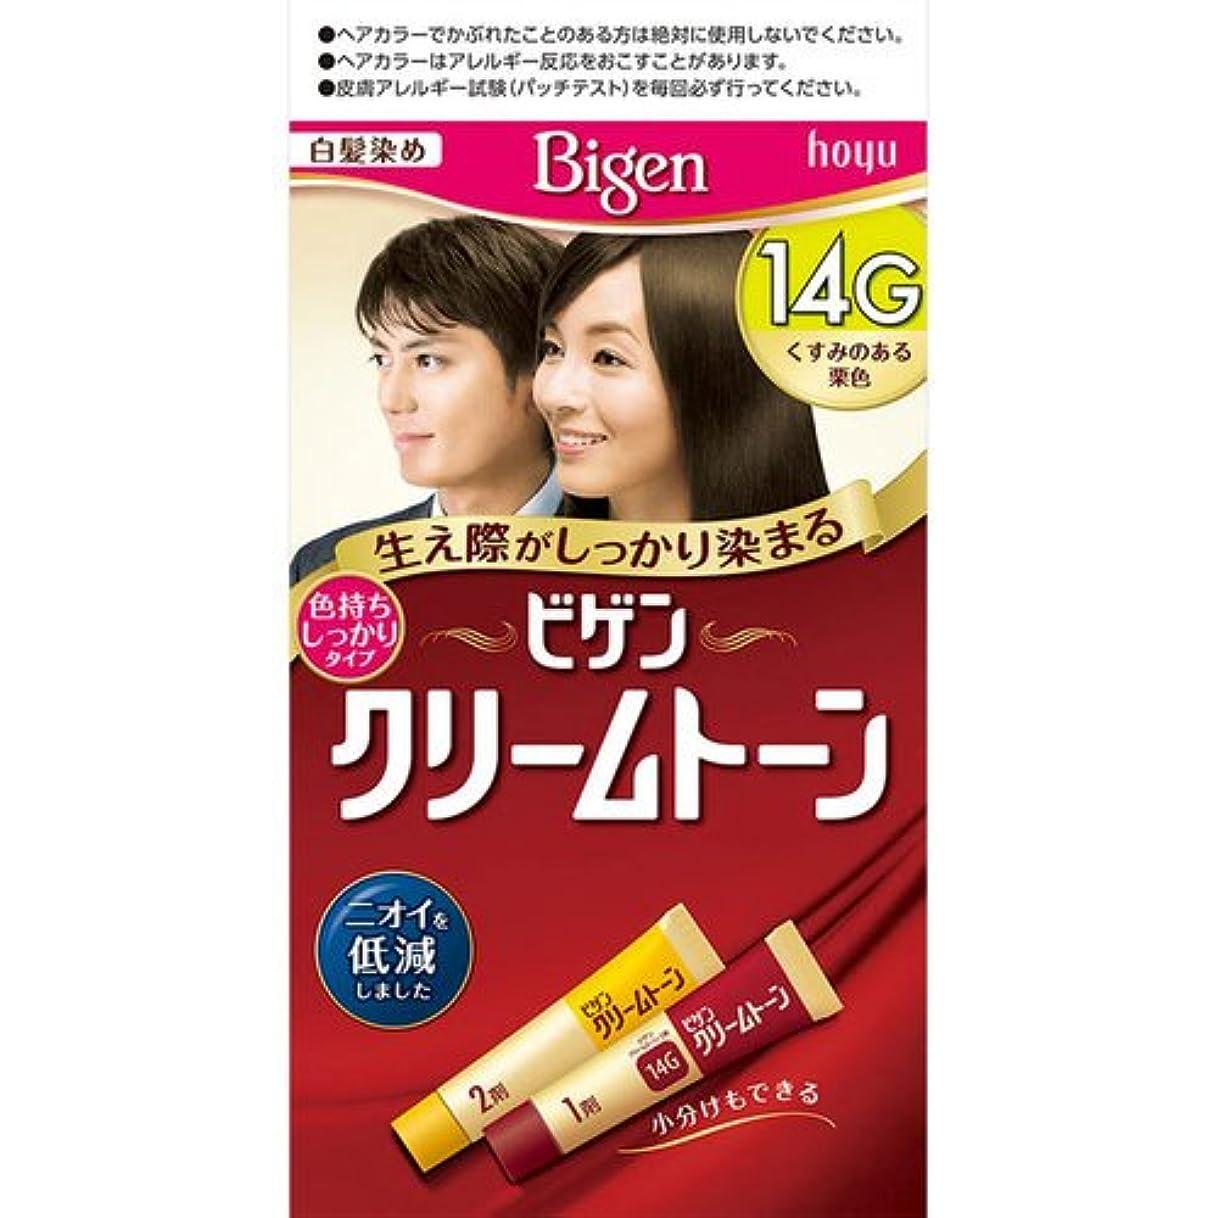 悪行基本的な留め金ビゲン クリームトーン 14G くすみのある栗色 40g+40g[医薬部外品]